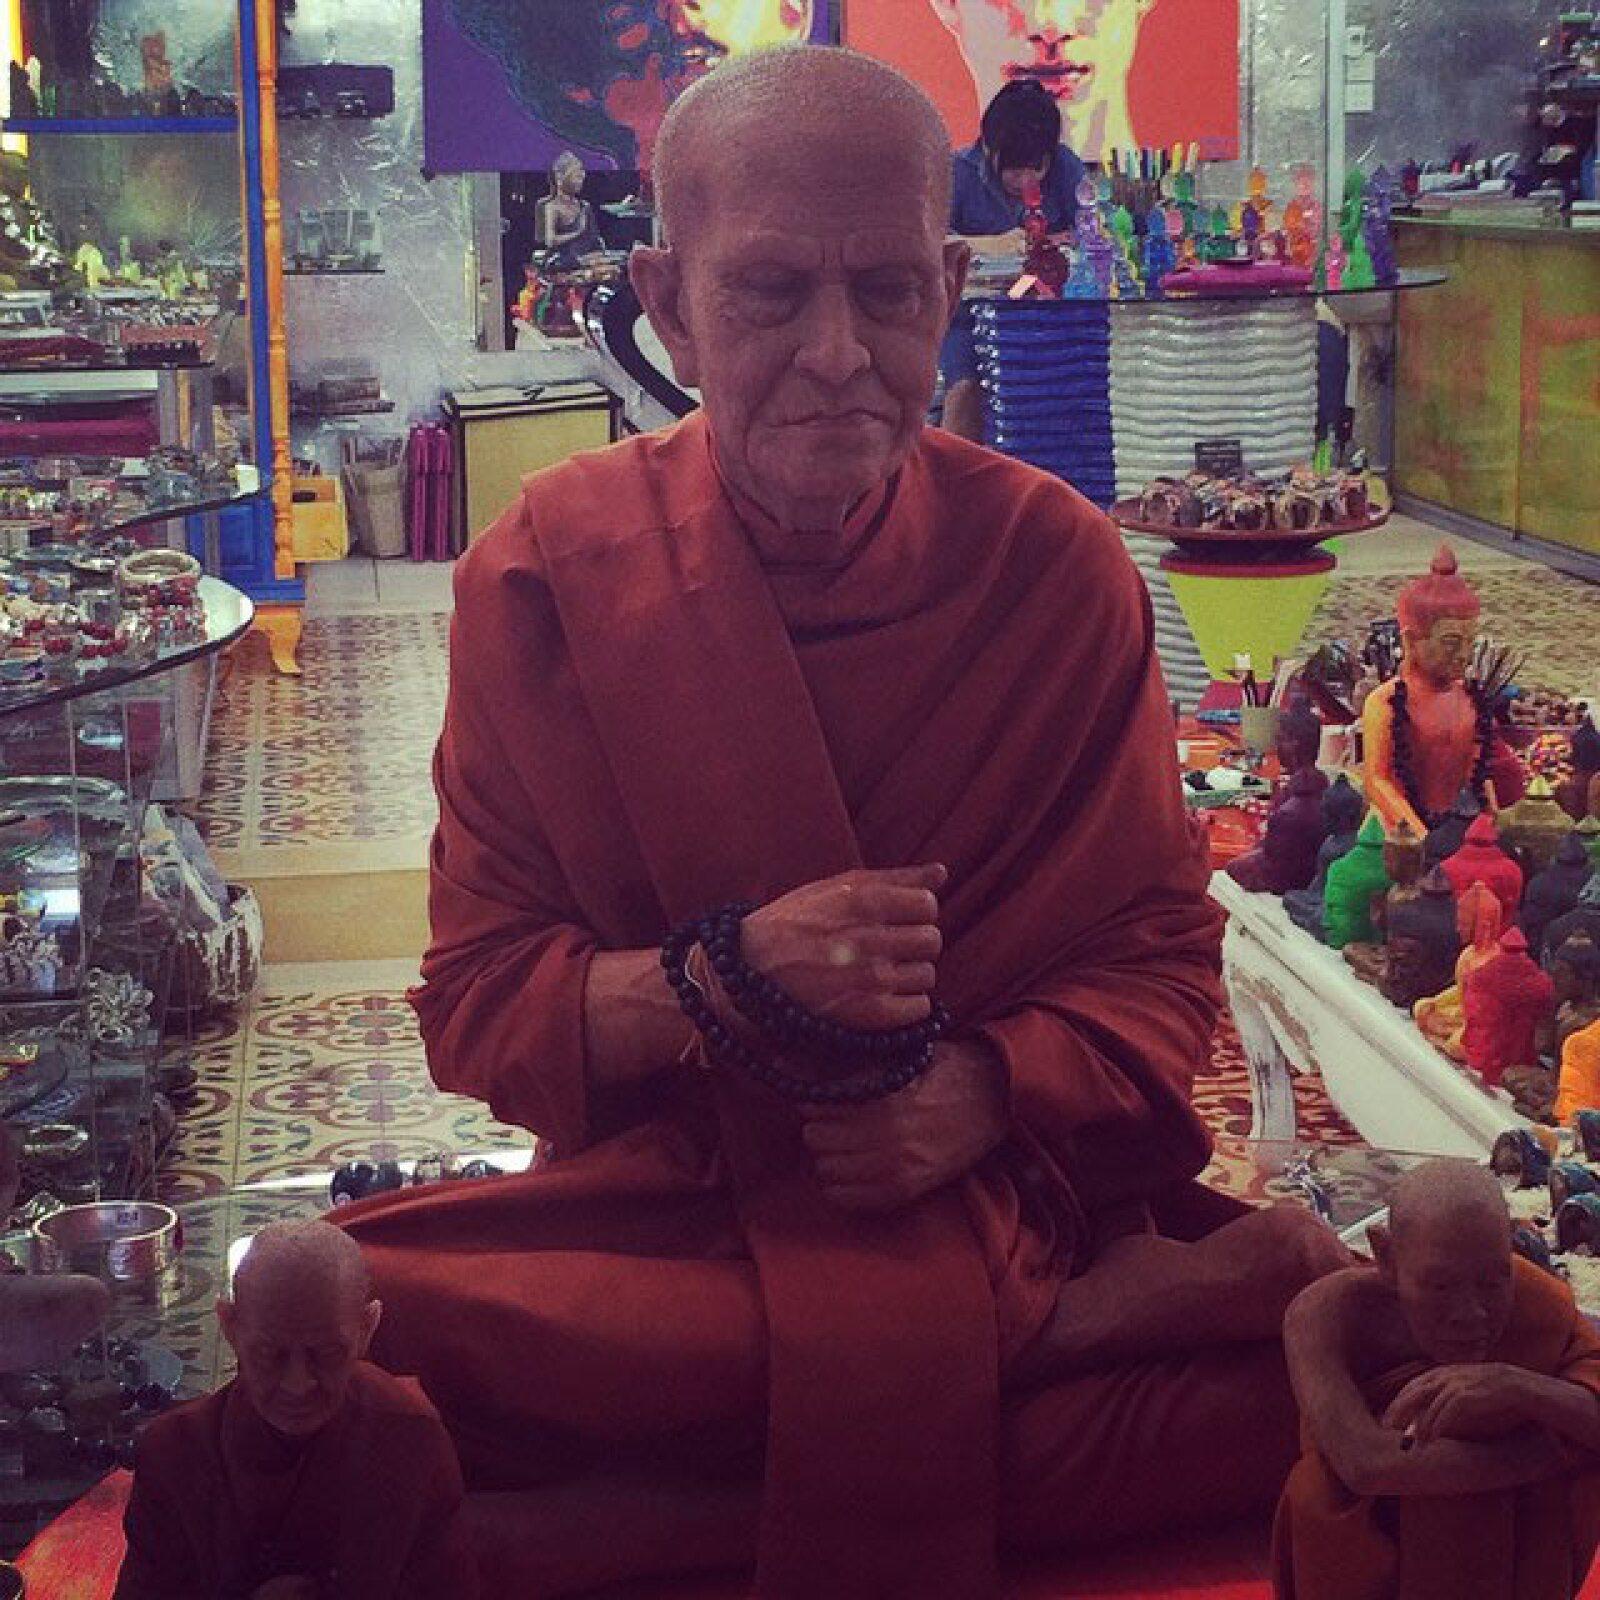 Escultura  hiperrealista de un monk, la cual dejó completamente sorprendida a Sandra. `Noup...no es real. Es la escultura de un monk!´, escribió.